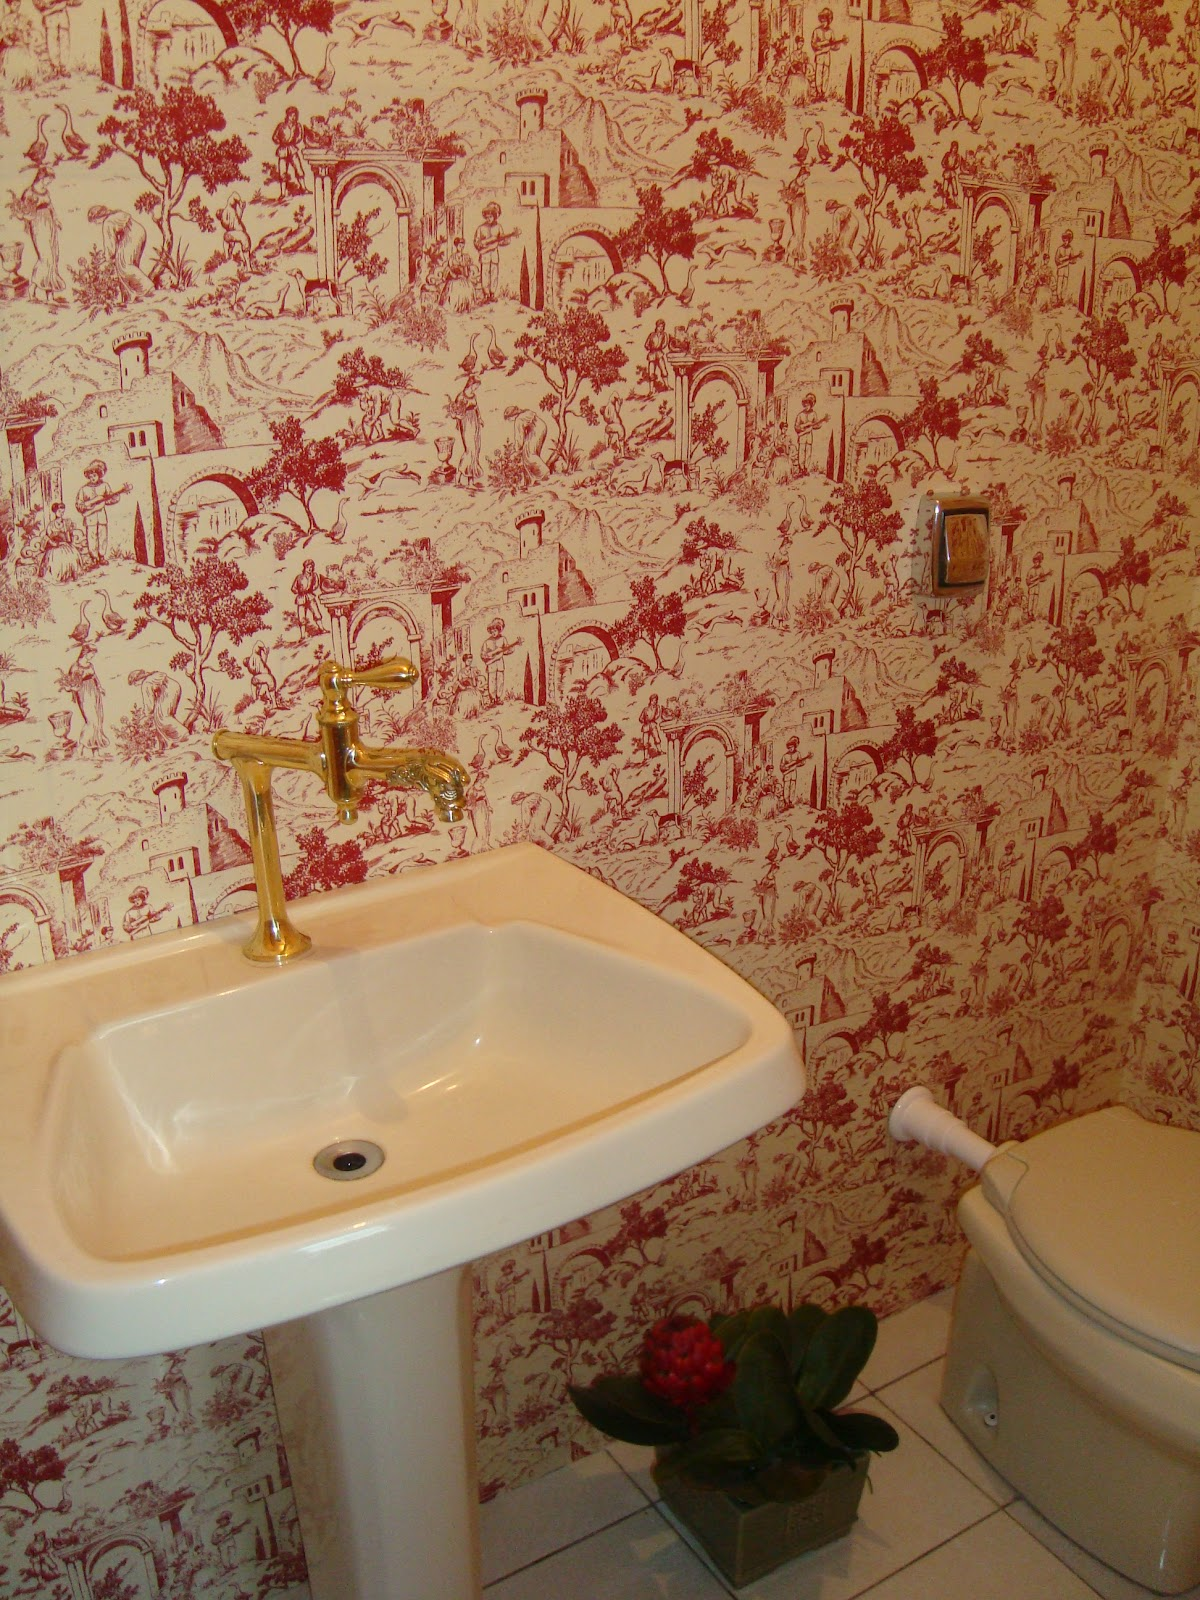 lavabo foi revestido com tecido sobre o azulejo e ficou maravilhoso #7A412A 1200x1600 Azulejo Listrado Banheiro